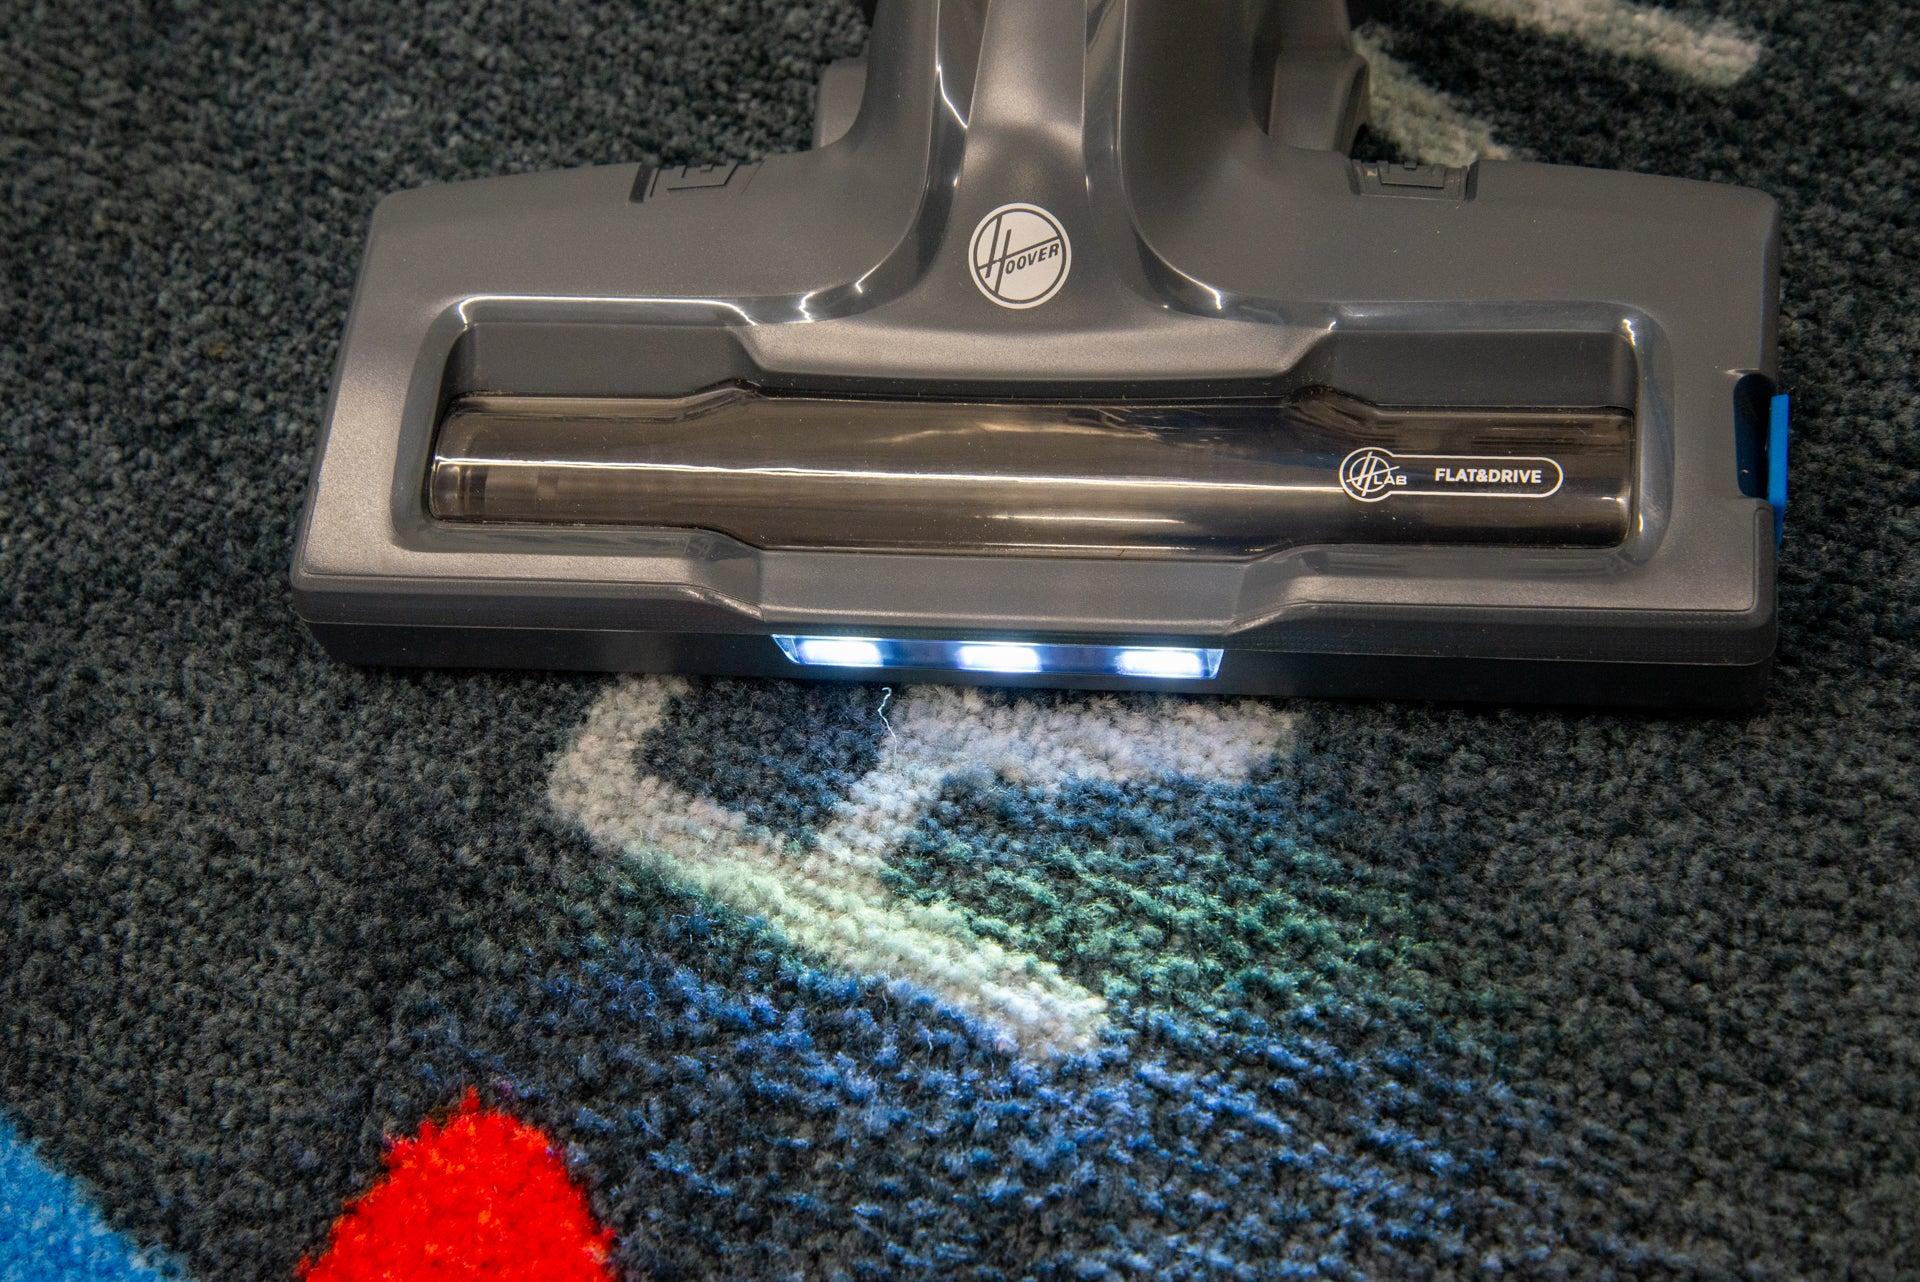 Hoover H-Free 300 LEDs on main floor brush